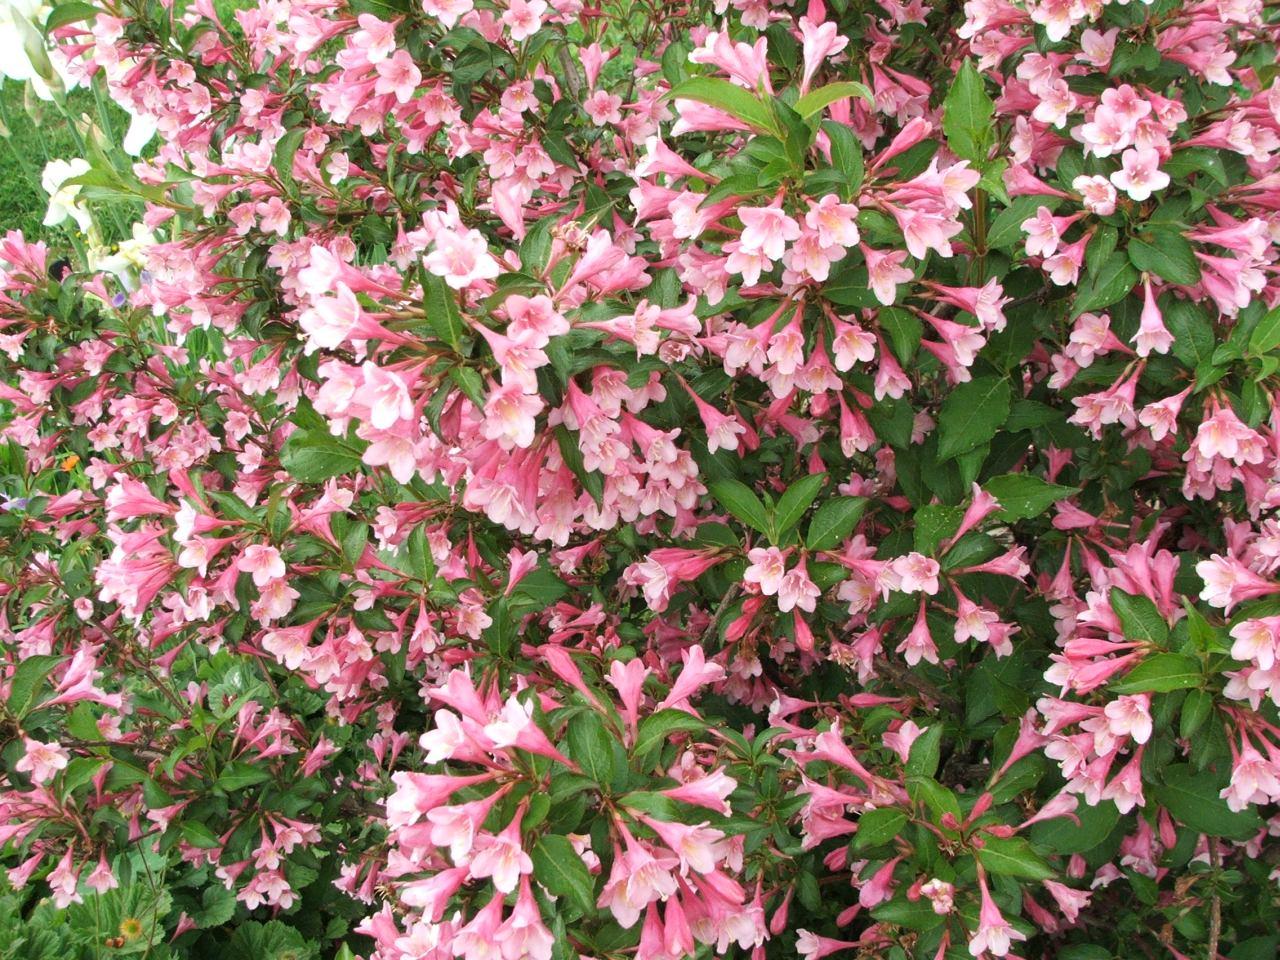 cvjetanje trešnje datira samceweb stranice za upoznavanje arapski